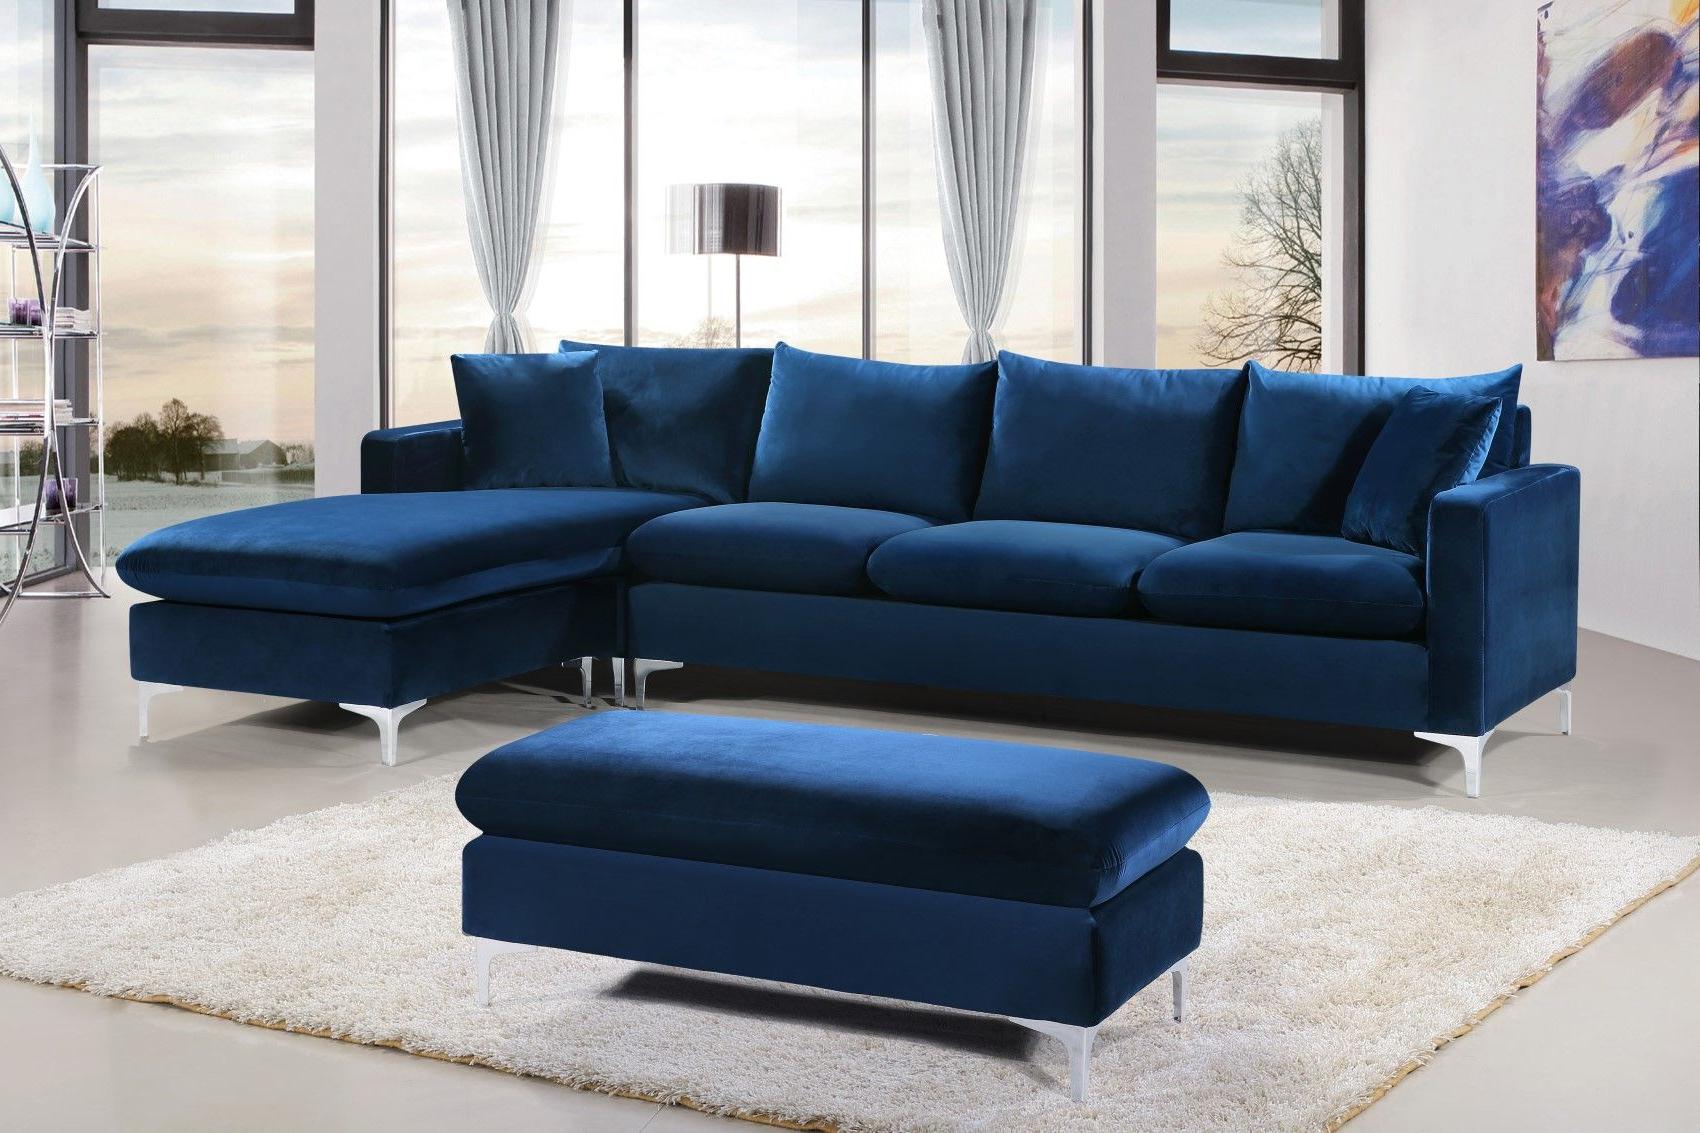 Most Recent Strummer Velvet Sectional Sofas Inside Selene Contemporary Plush Navy Blue Velvet Sectional Sofa (View 22 of 25)